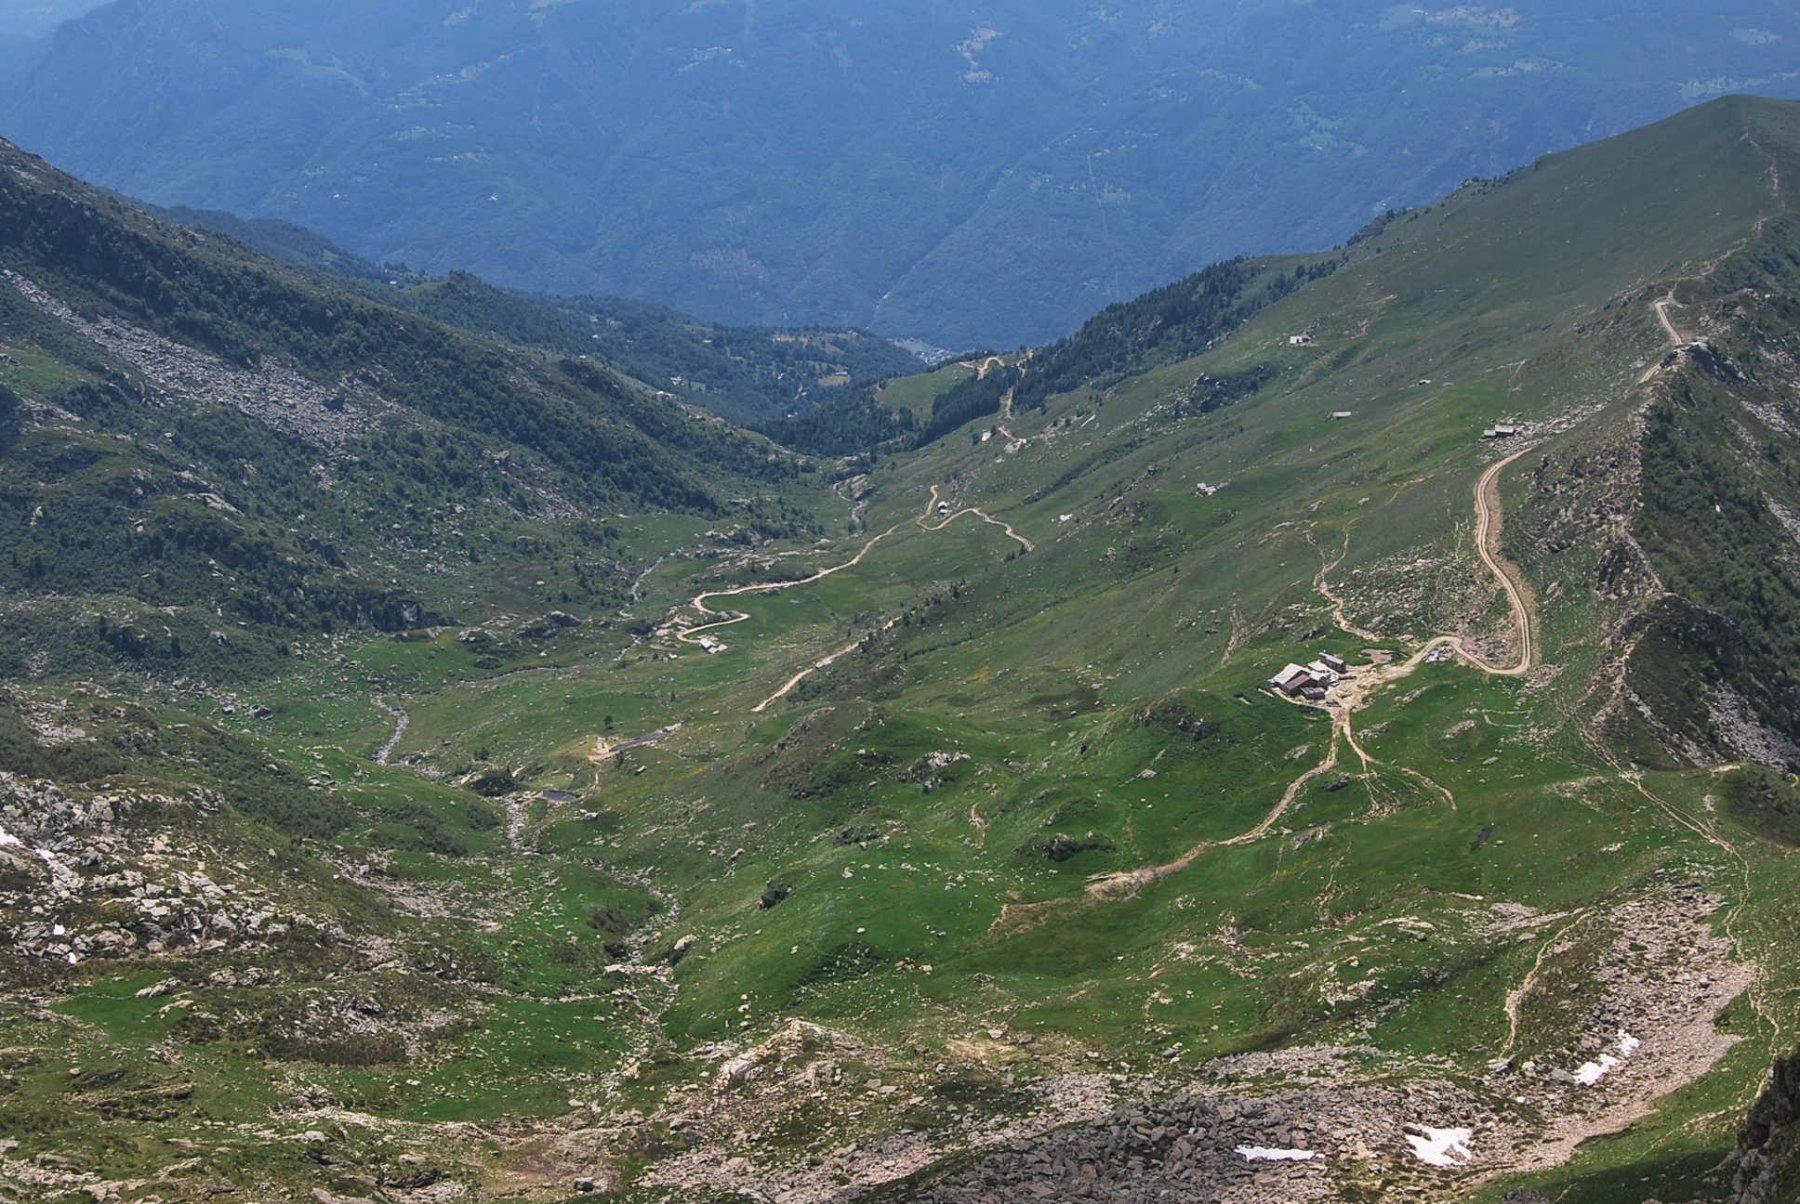 Roux (Mont) e Mont Bechit da Oropa, traversata a Trovinasse per il Rifugio Coda 2020-06-23